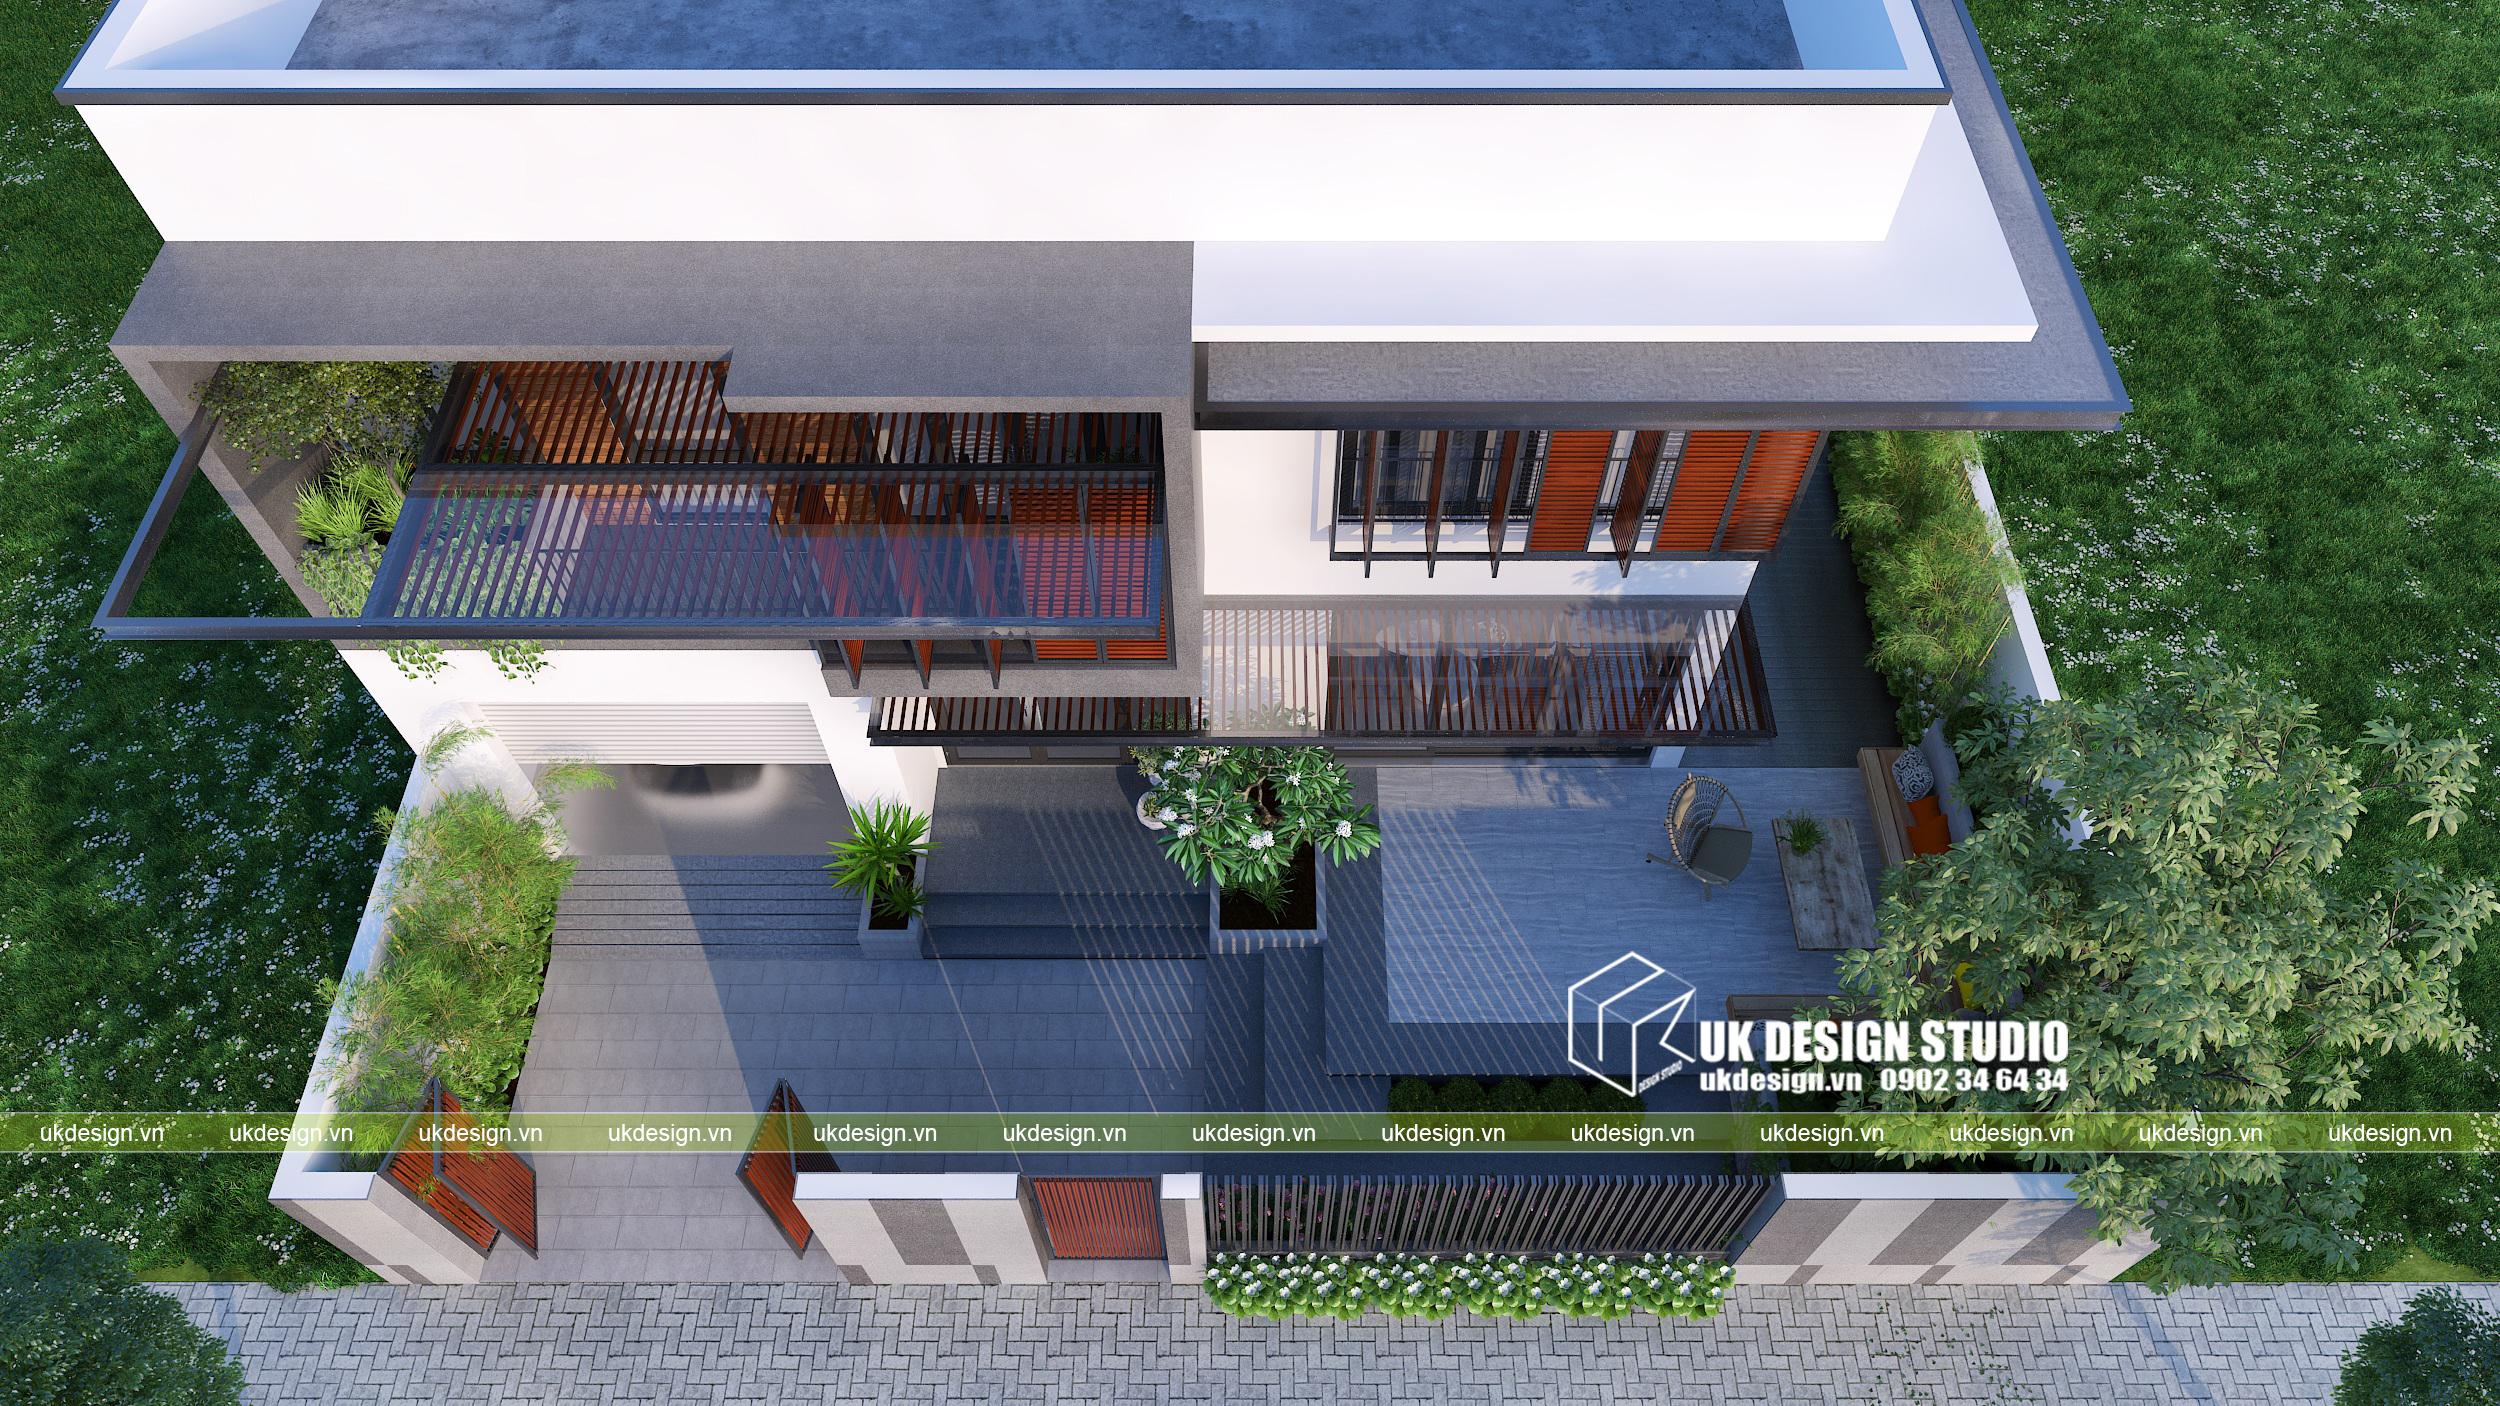 Thiết kế cải tạo biệt thự hiện đại 16x20m2